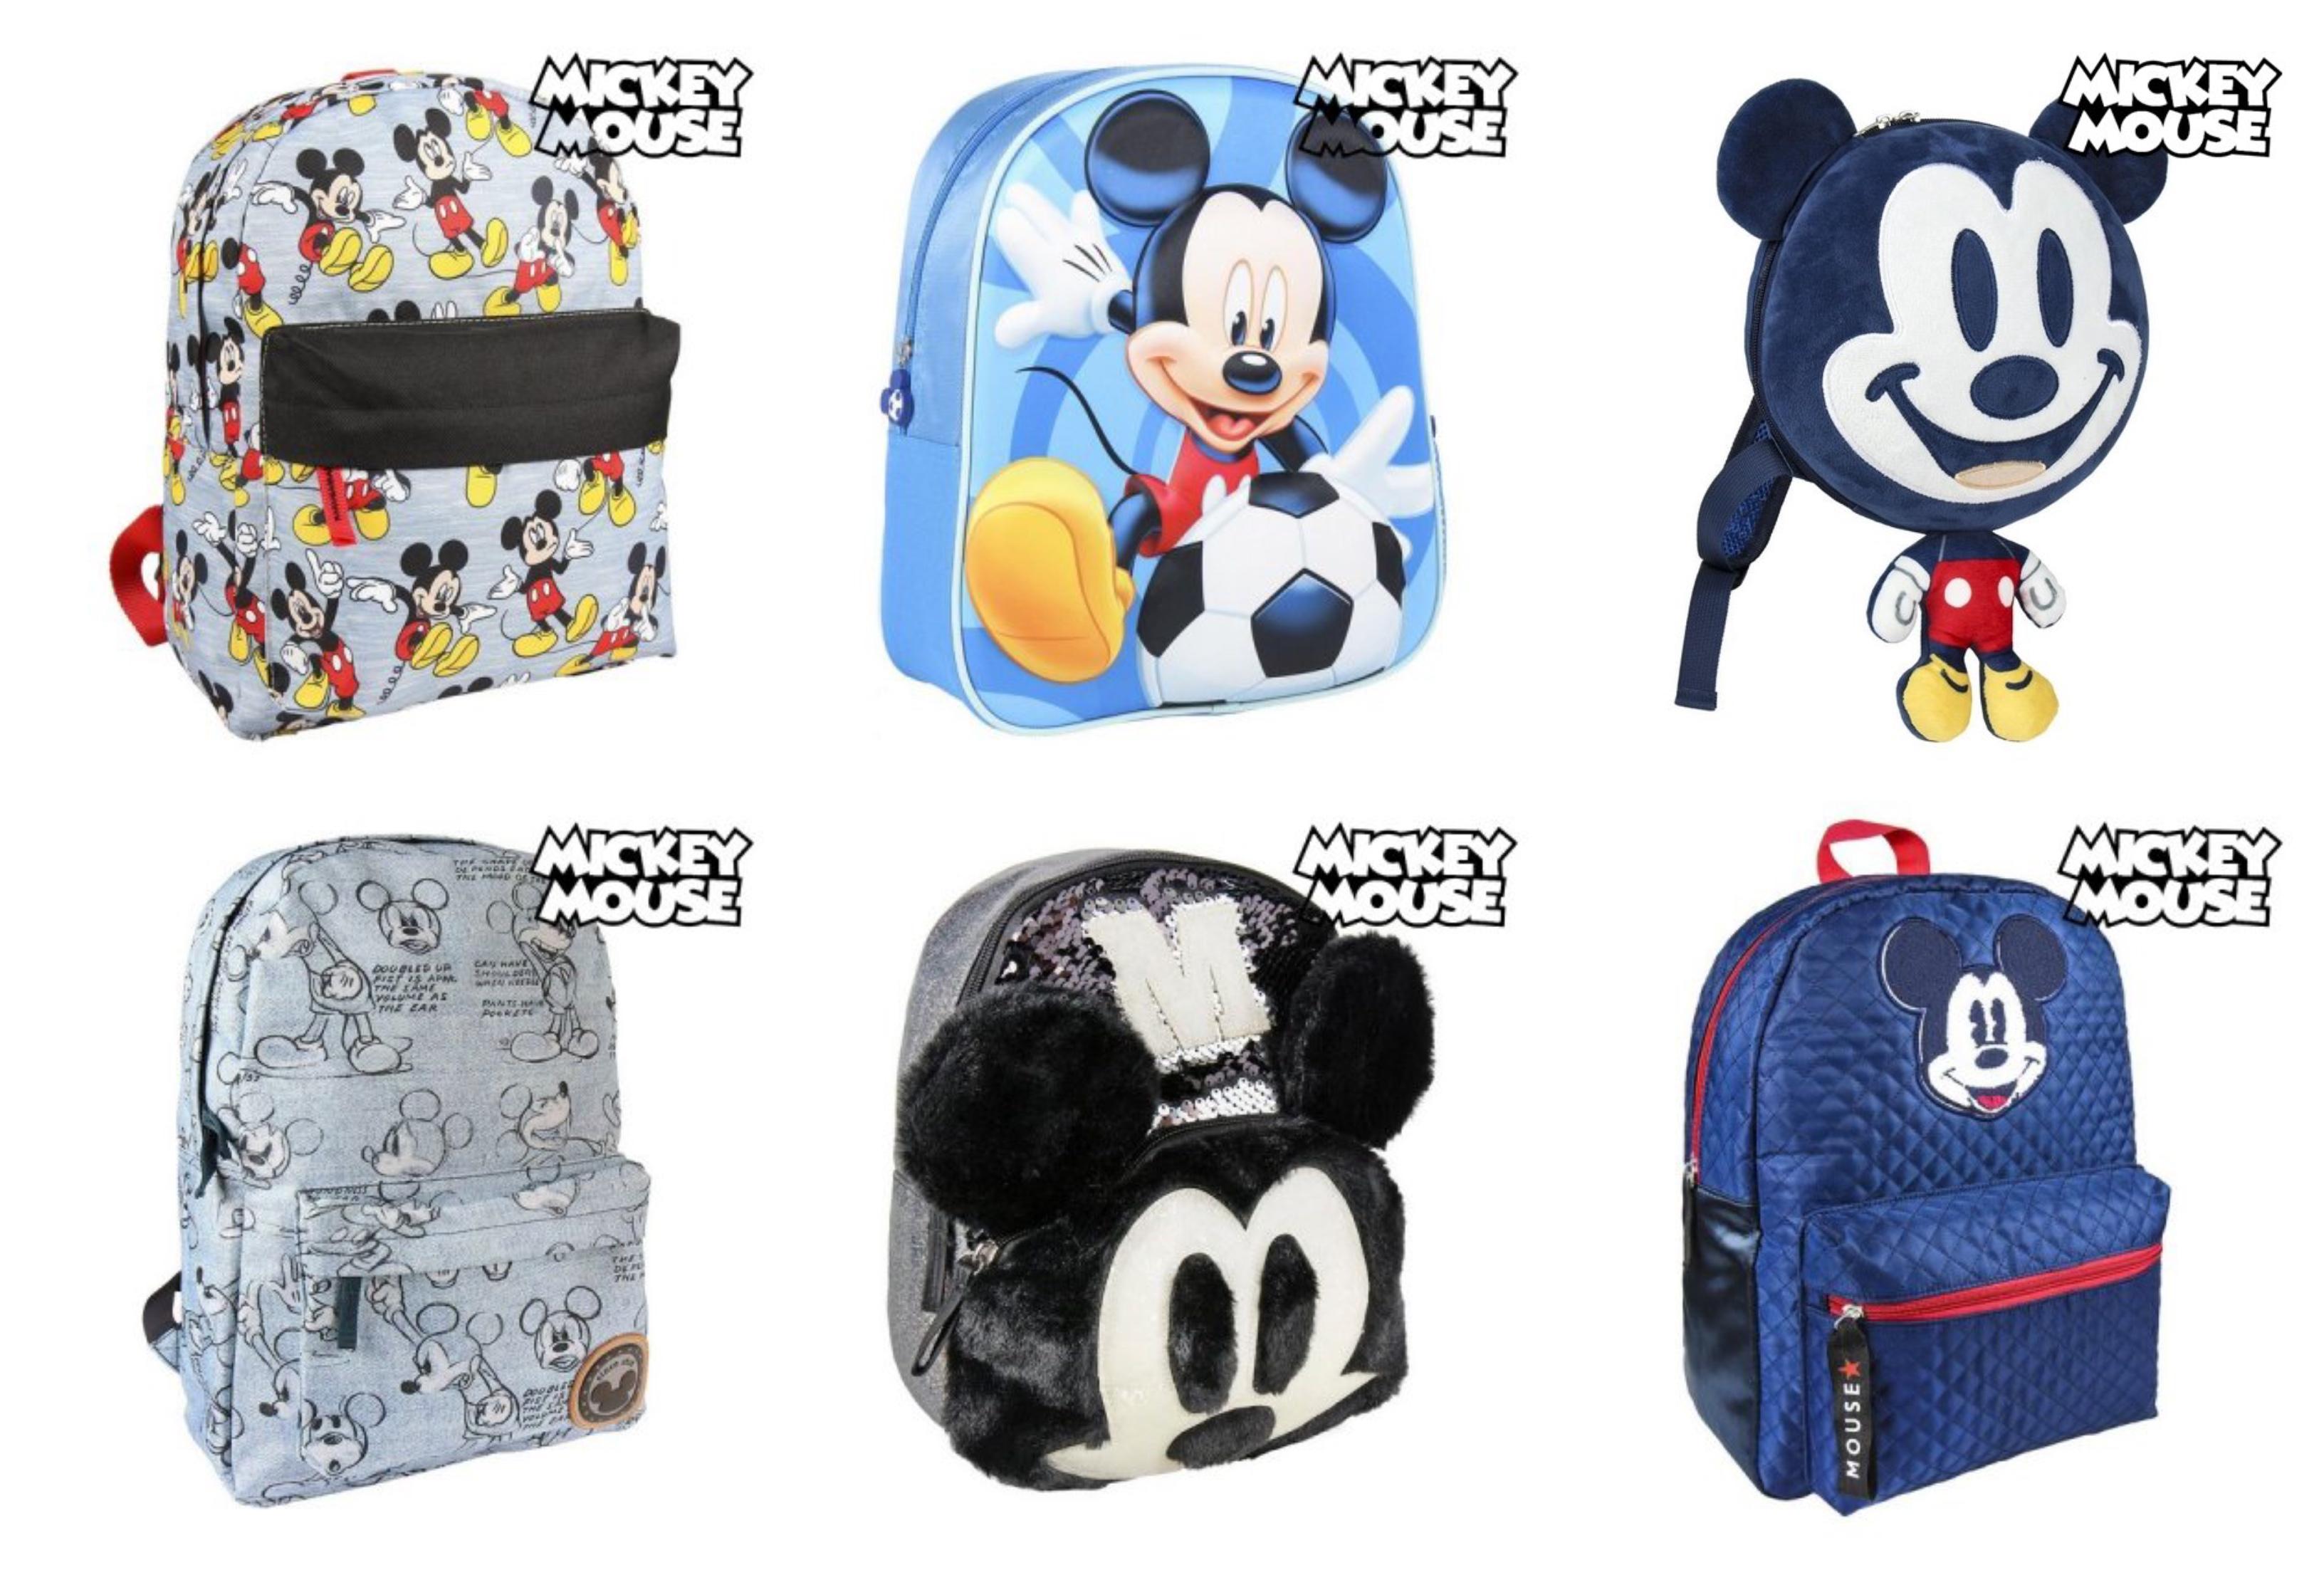 Mickey Mouse taske til børn 1 - Mickey Mouse rygsæk til børn